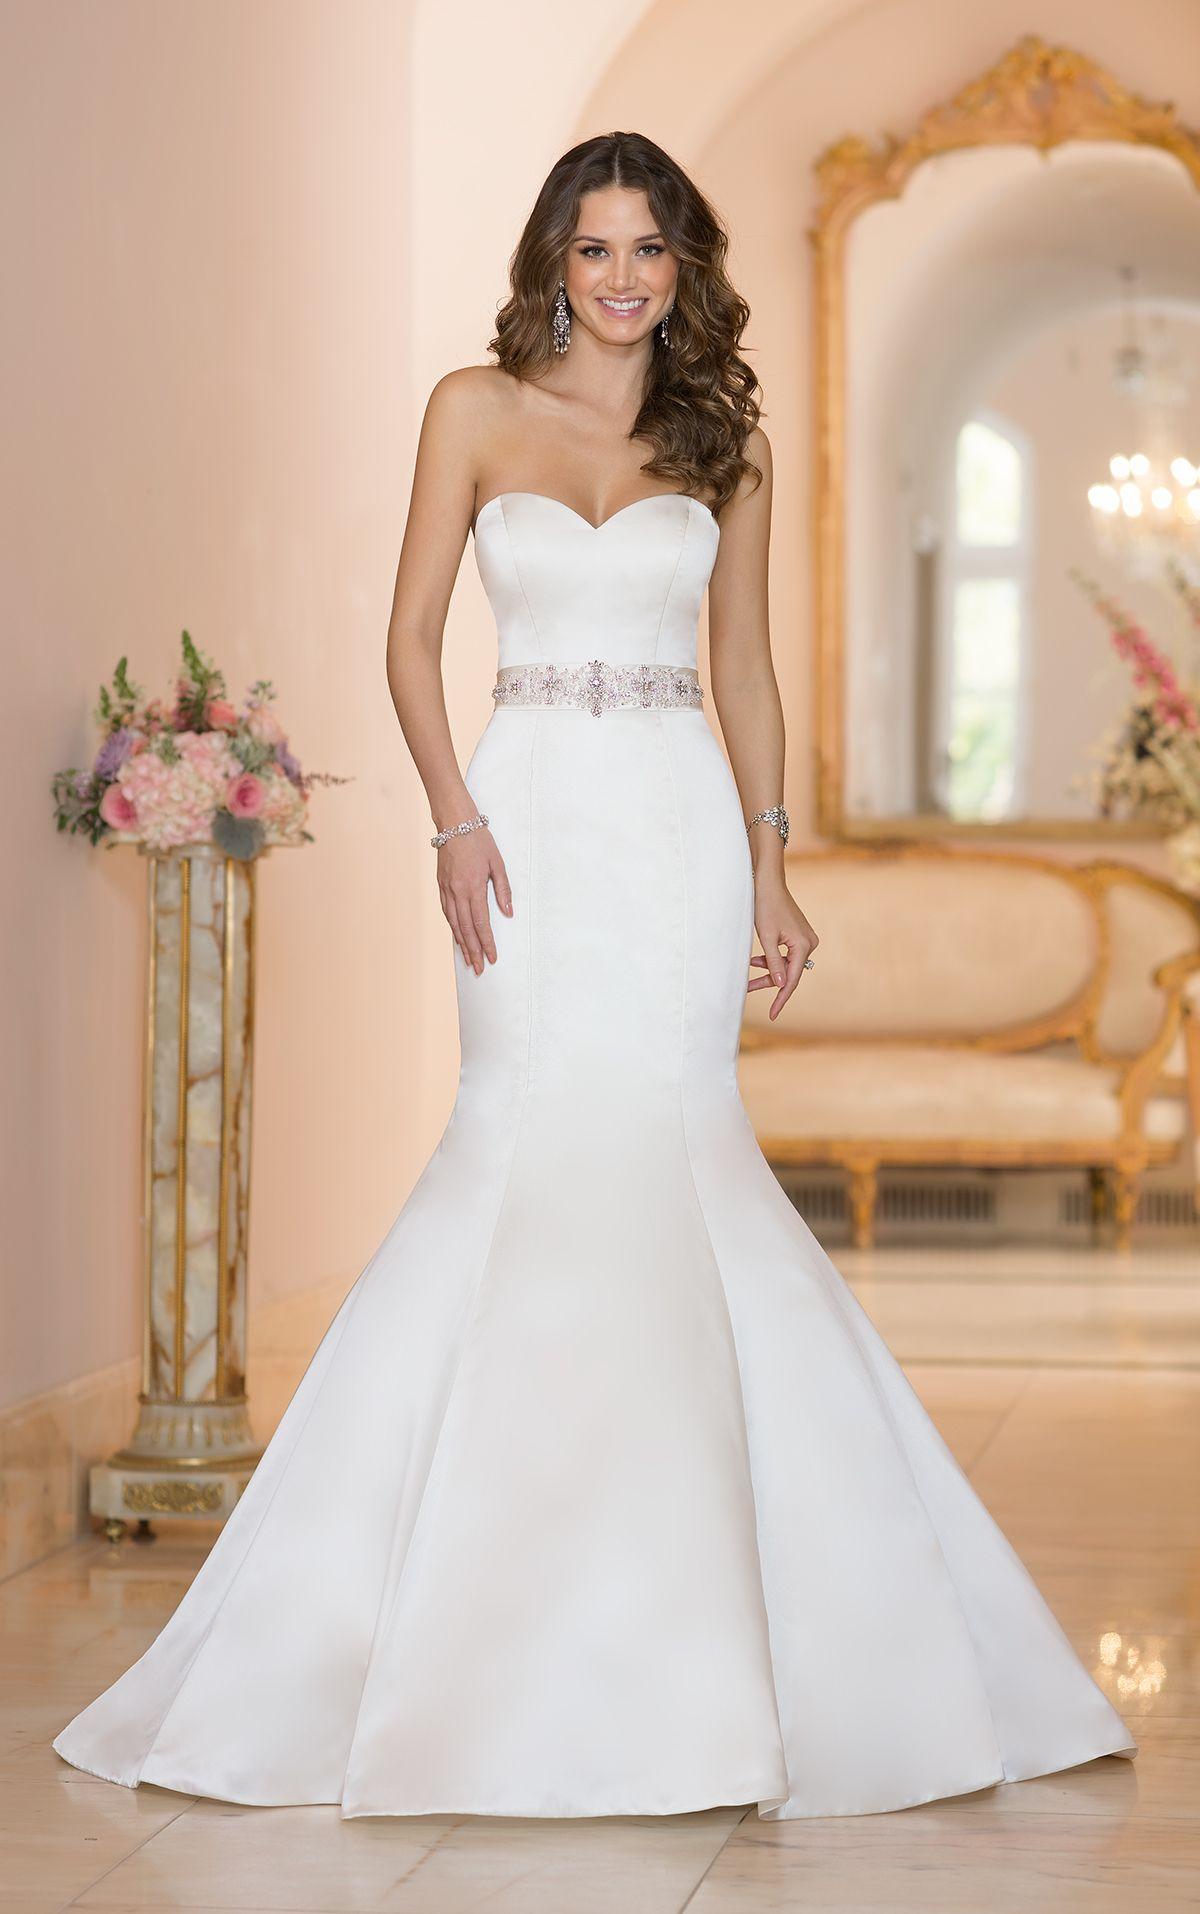 Extravagant Stella York Wedding Dresses | Traumhochzeit ...